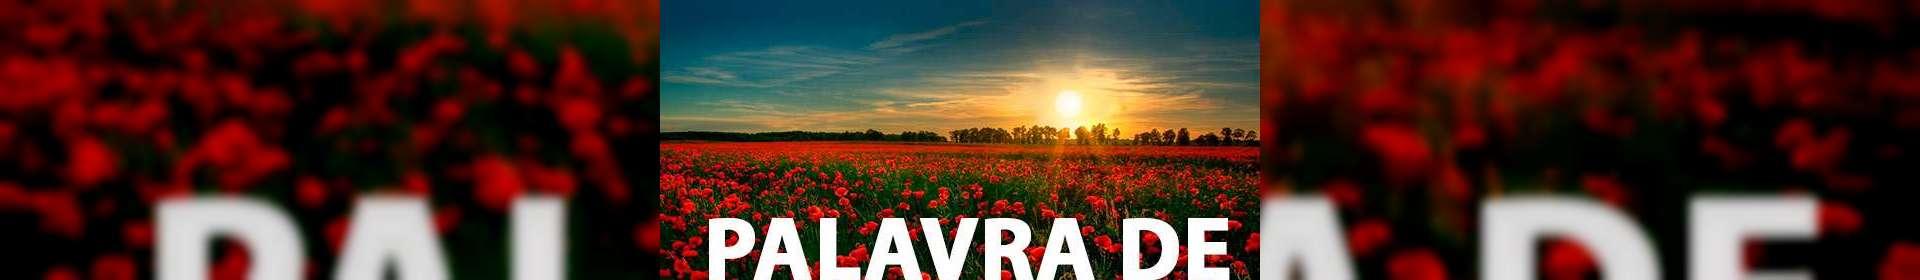 Salmos 121:1,2 - Uma Palavra de Esperança para sua vida